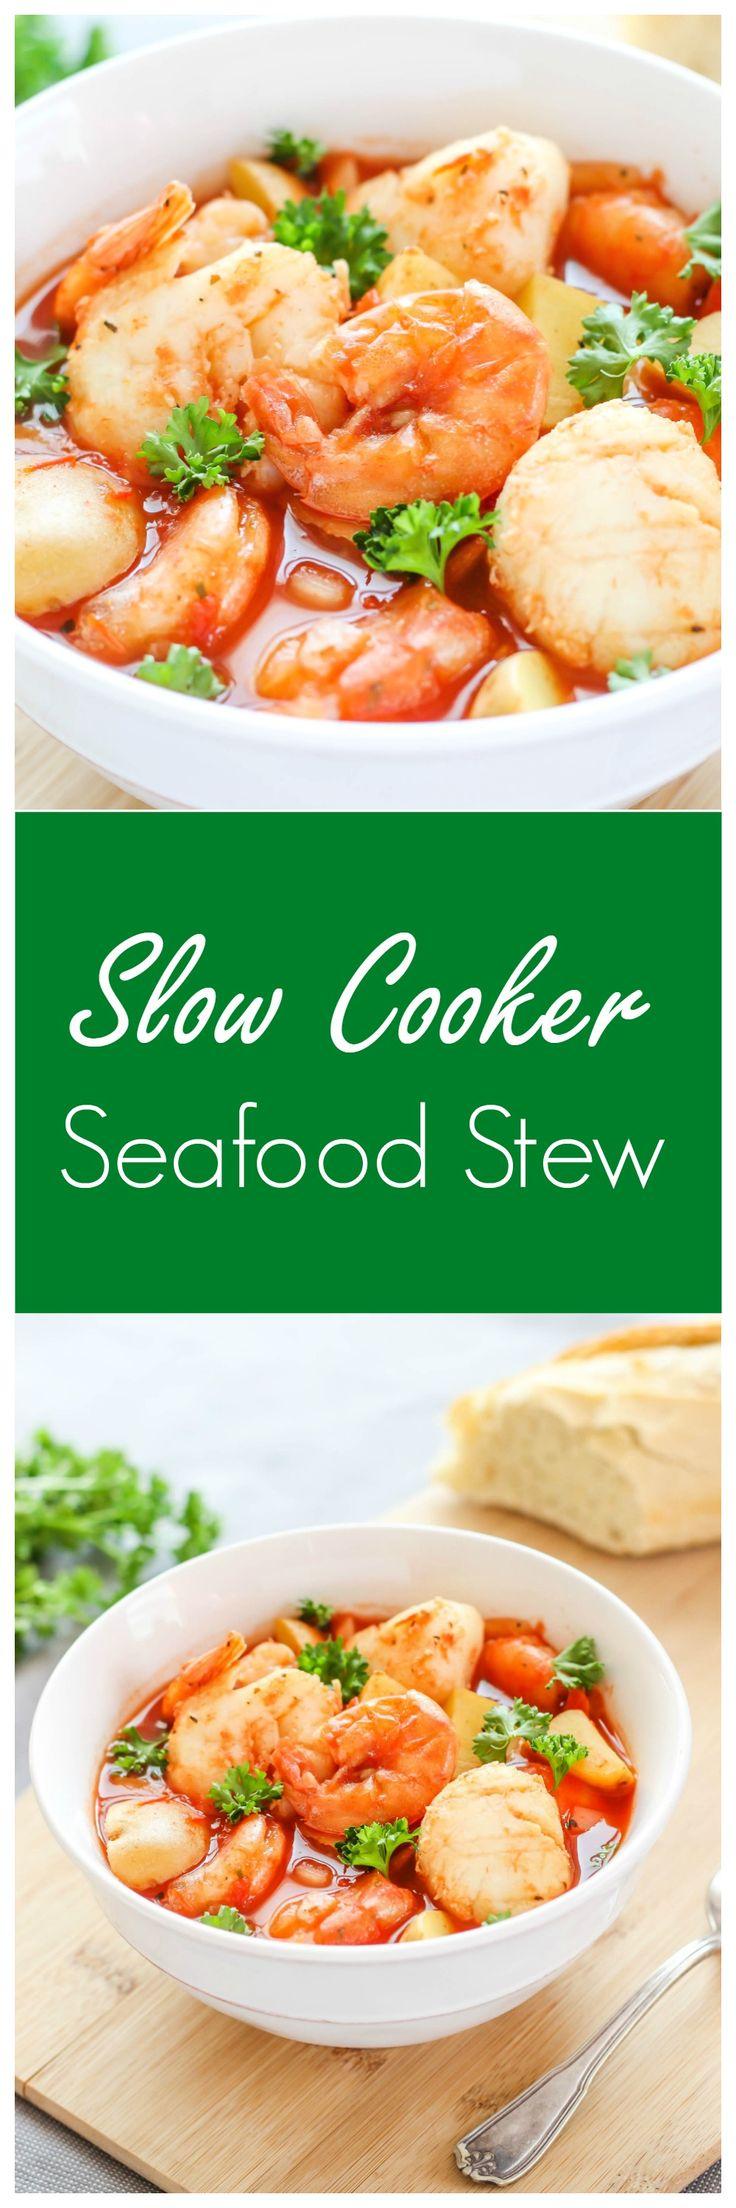 Olla de cocción lenta marisco cocido - una deliciosa receta de mariscos cocidos en un caldo a base de tomate con patatas.  Este guiso es reconfortante y es una forma fácil de hacer la receta de la cena!